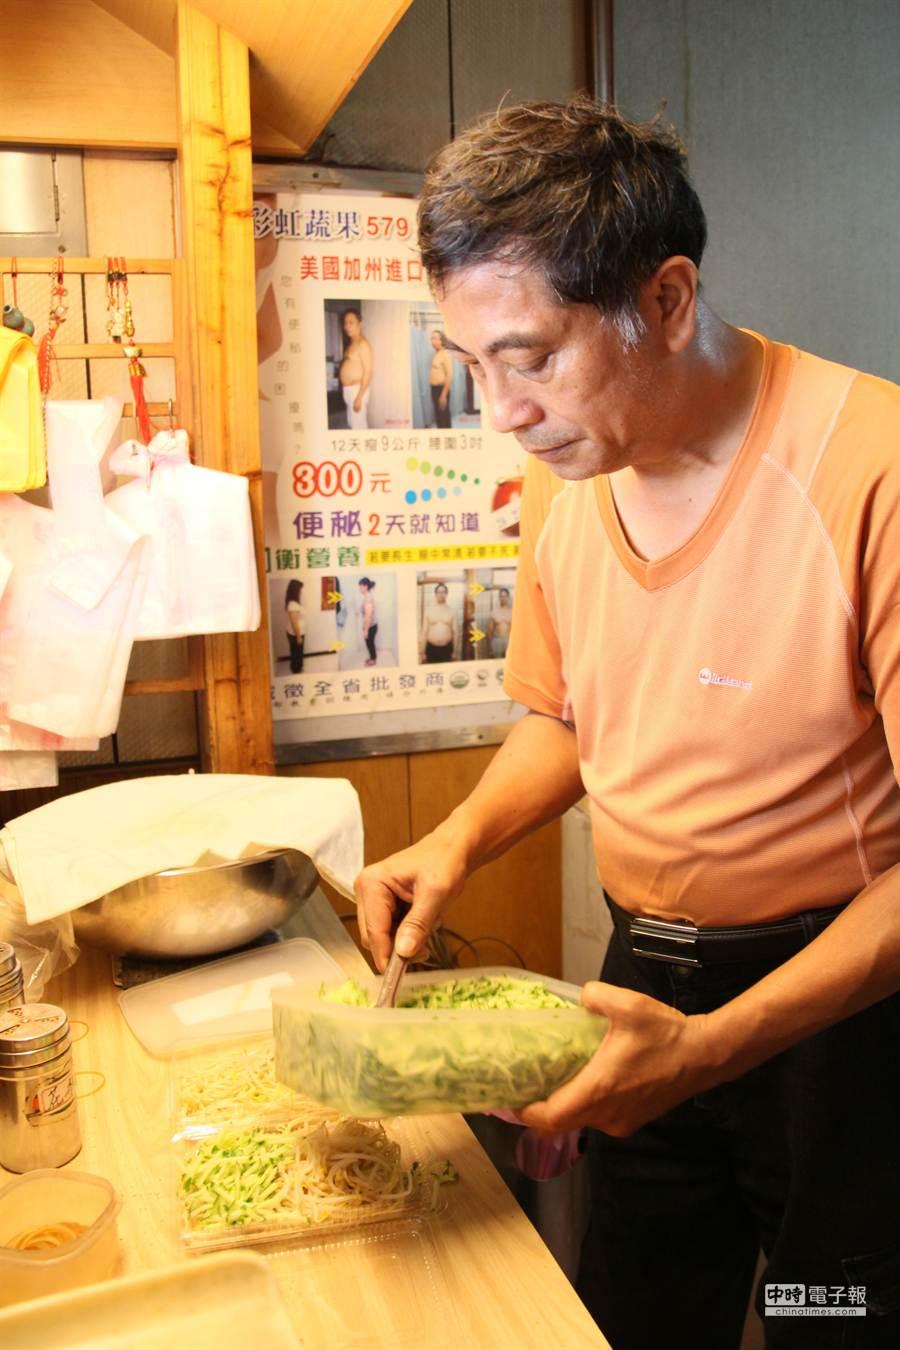 陳建興用蛙人腳踏實地的精神,在中西區樸實的賣涼麵,他的涼麵店不起眼,口碑卻相當好。(程炳璋攝)